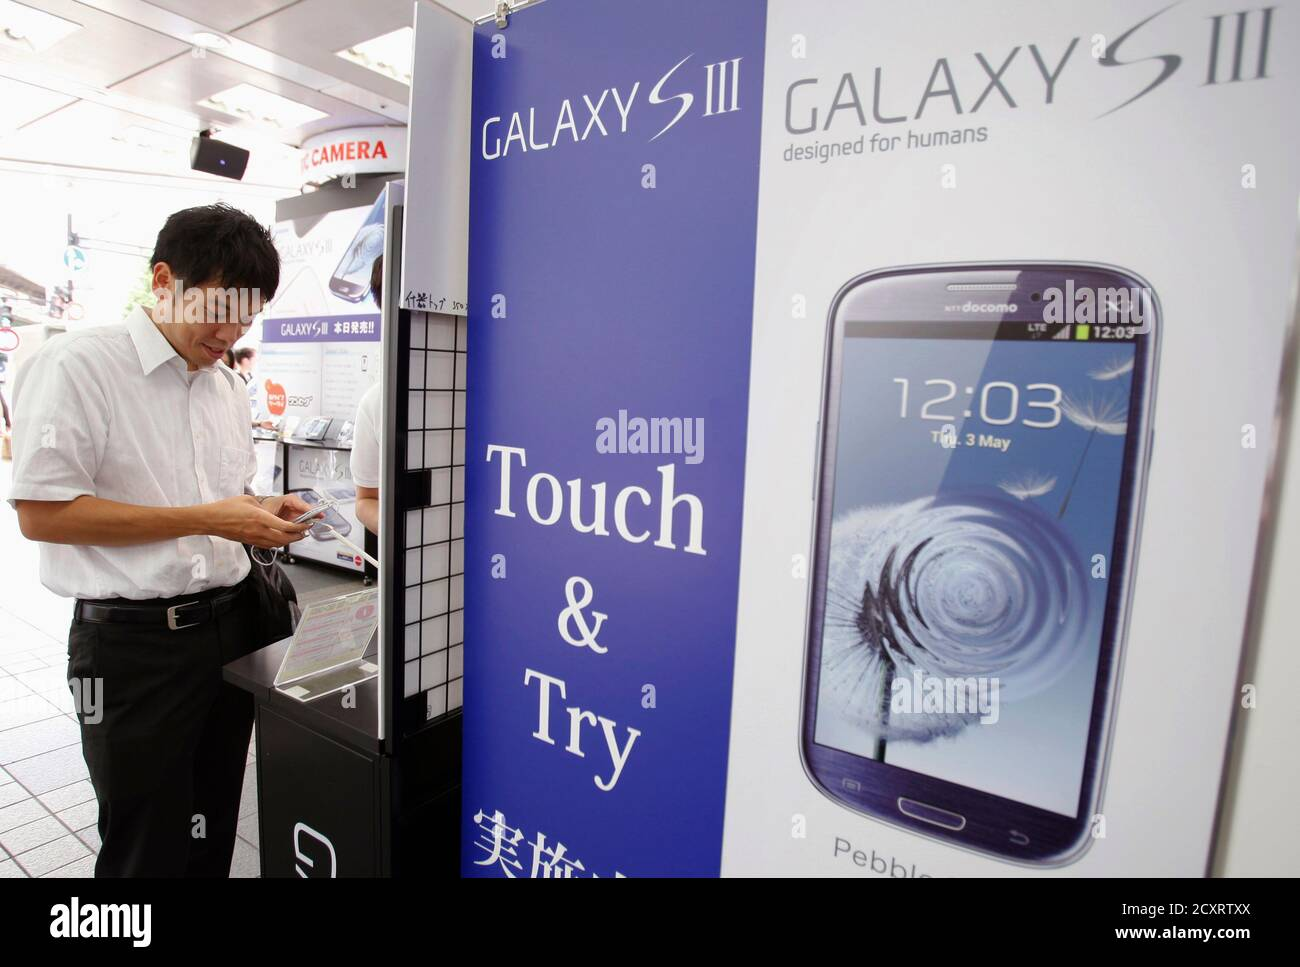 Un cliente prueba un smartphone Galaxy S III de Samsung, lanzado por el mayor operador móvil de Japón NTT Docomo Inc, en una tienda de electrónica en Tokio el 28 de junio de 2012. El Galaxy S III ha recibido las críticas más positivas entre cualquiera de los smartphones Samsung, y el gigante de la tecnología dice que el teléfono está en camino de convertirse en su teléfono inteligente más rápido de venta, con las ventas probablemente a los 10 millones en los primeros dos meses desde su lanzamiento. REUTERS/Yuriko Nakao (JAPÓN - Tags: TECNOLOGÍA DE LAS CIENCIAS EMPRESARIALES) Foto de stock